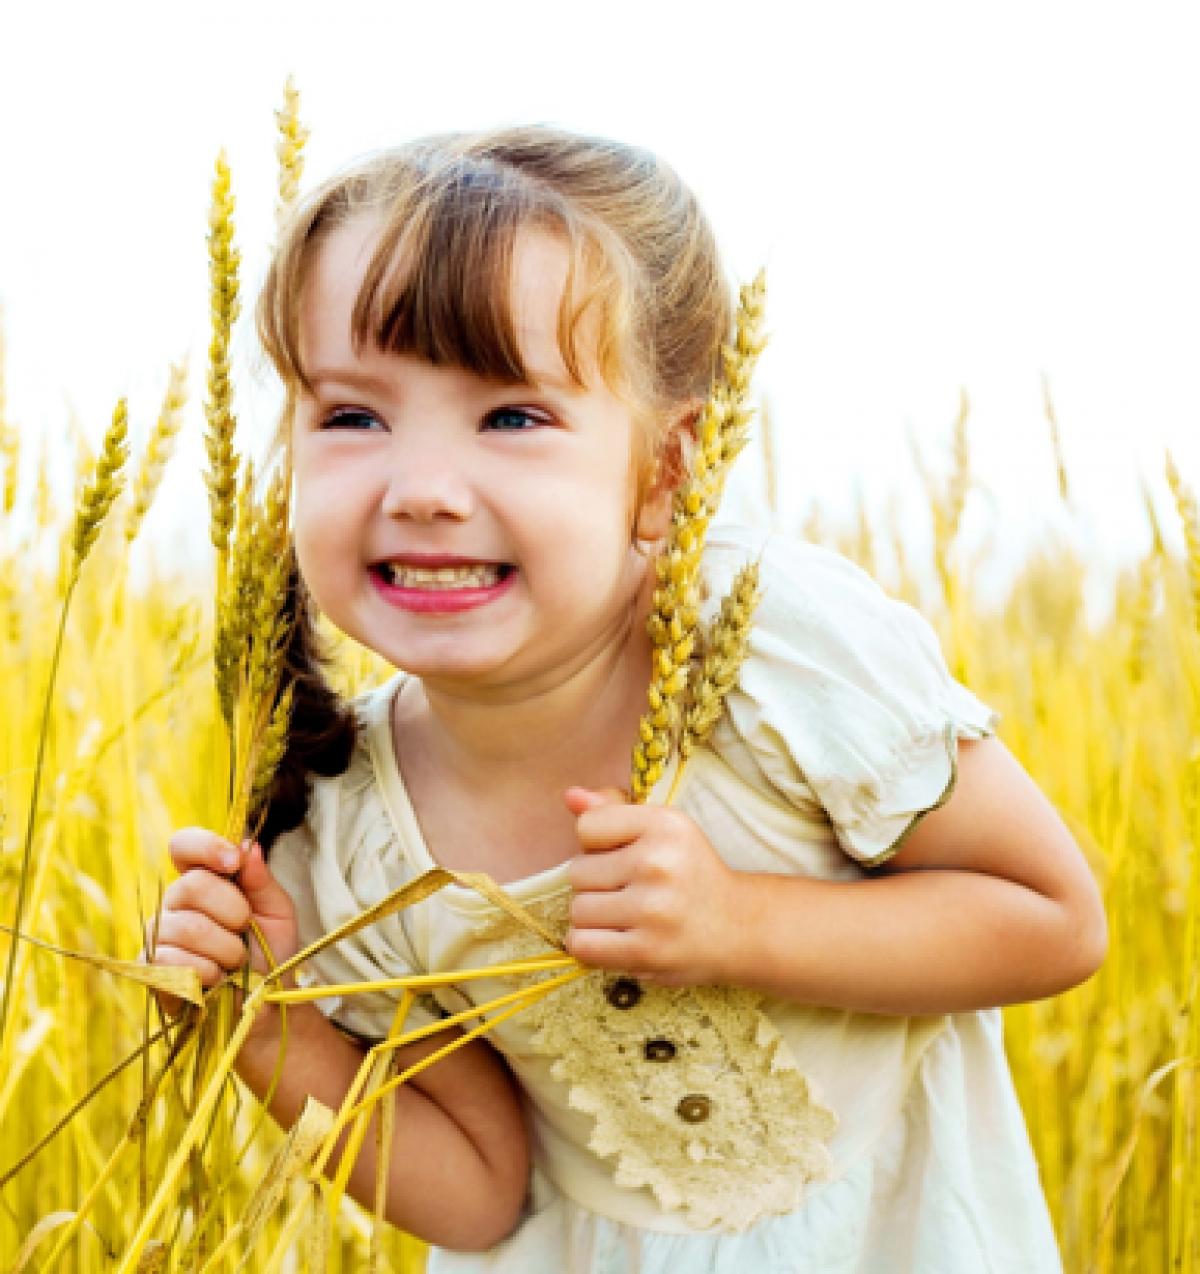 Η αλλαγή από το πουθενά στη ζωή της μικρής Κατερίνας